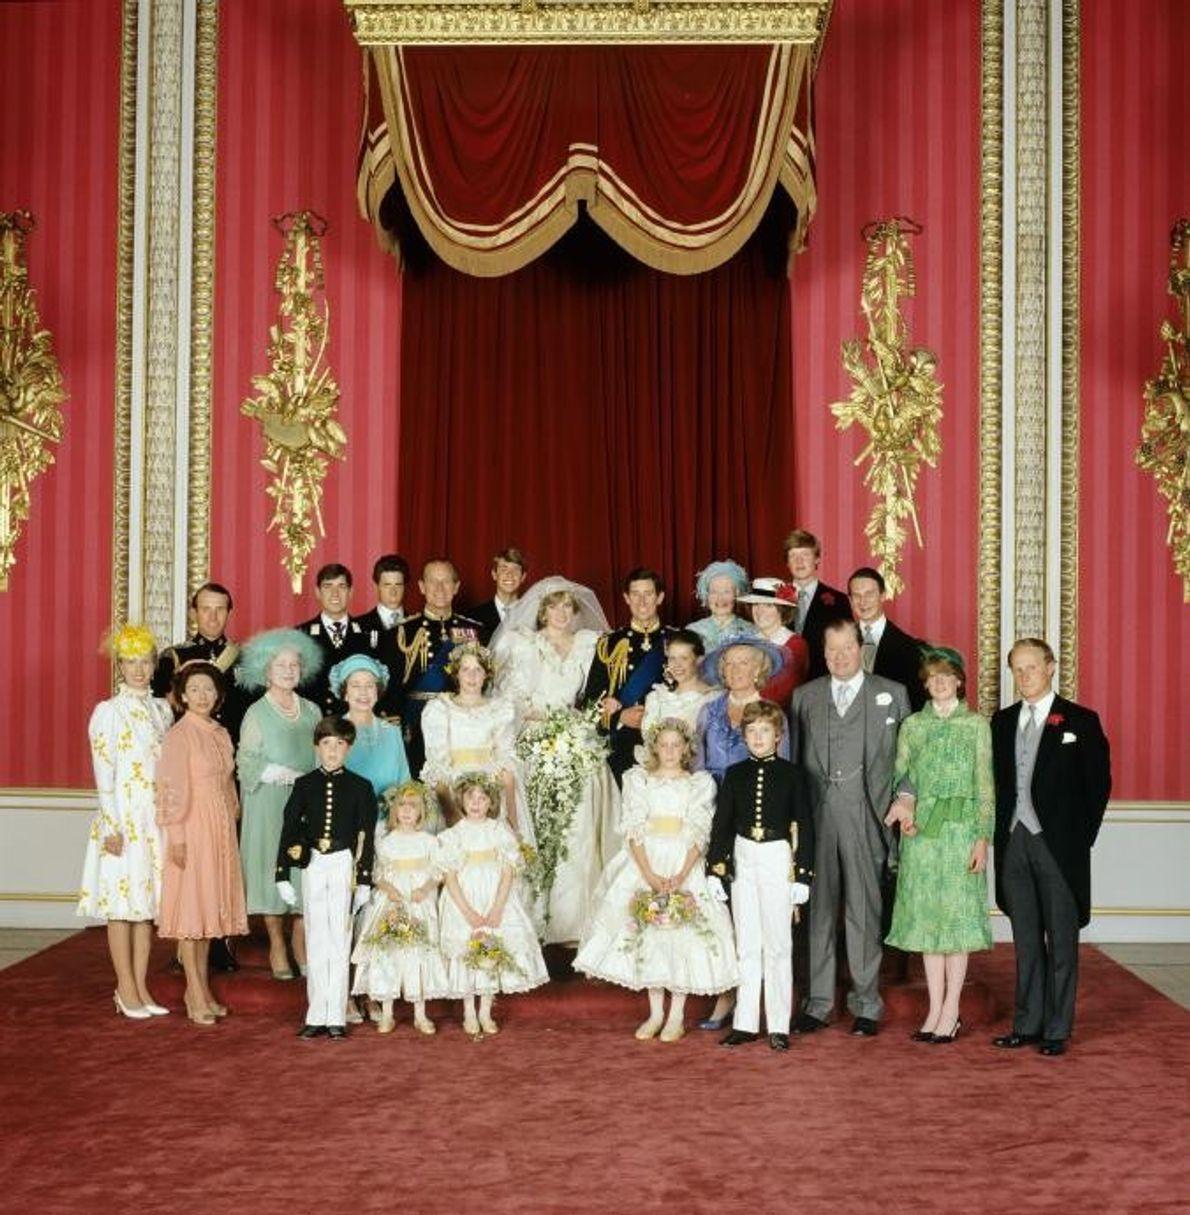 Un portrait du mariage royal au sein de la salle du trône du palais de Buckingham. ...